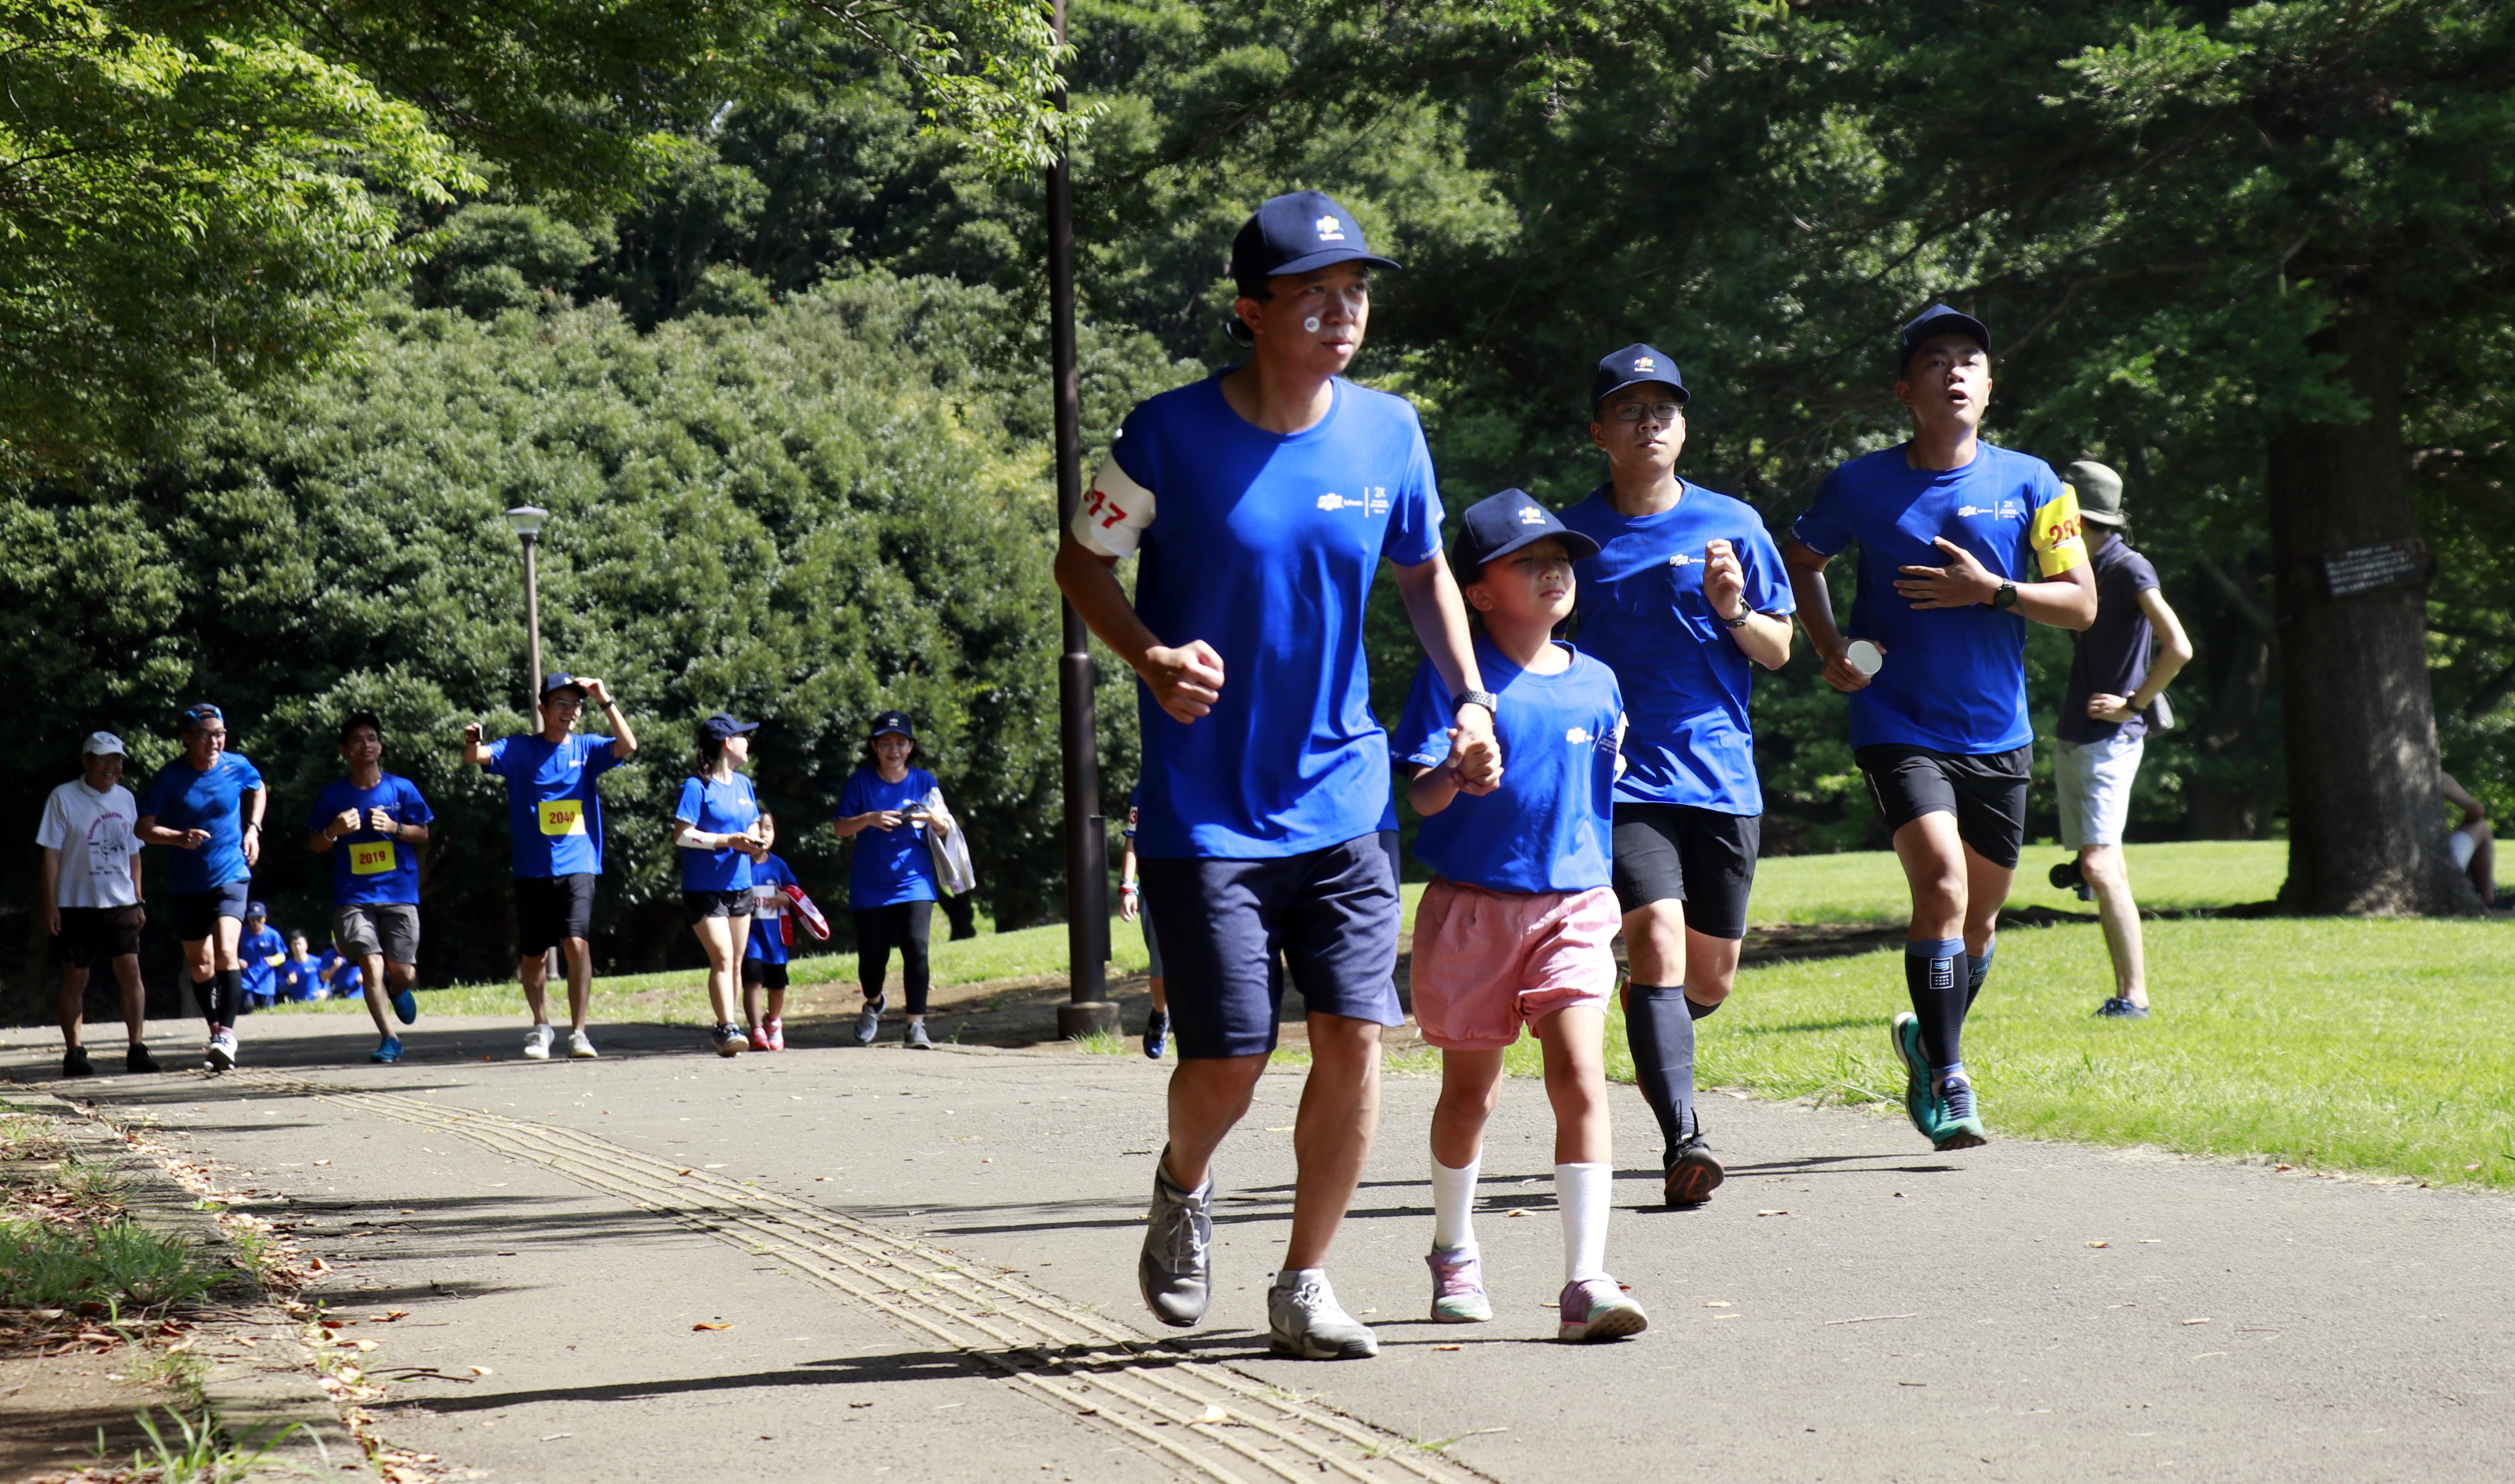 """Giải chạy """"FJP Family Run"""" đã diễn ra vào ngày 7/9 tại Việt Nam, Hàn Quốc và Nhật Bản. Hơn 600 vận động viên (bao gồm là toàn bộ CBNV FPT Japan cùng người thân, bạn bè) đã cùng chung trang phục hoàn thành các cung đường 2km, 3,9km, 5km, 10km, 21km."""